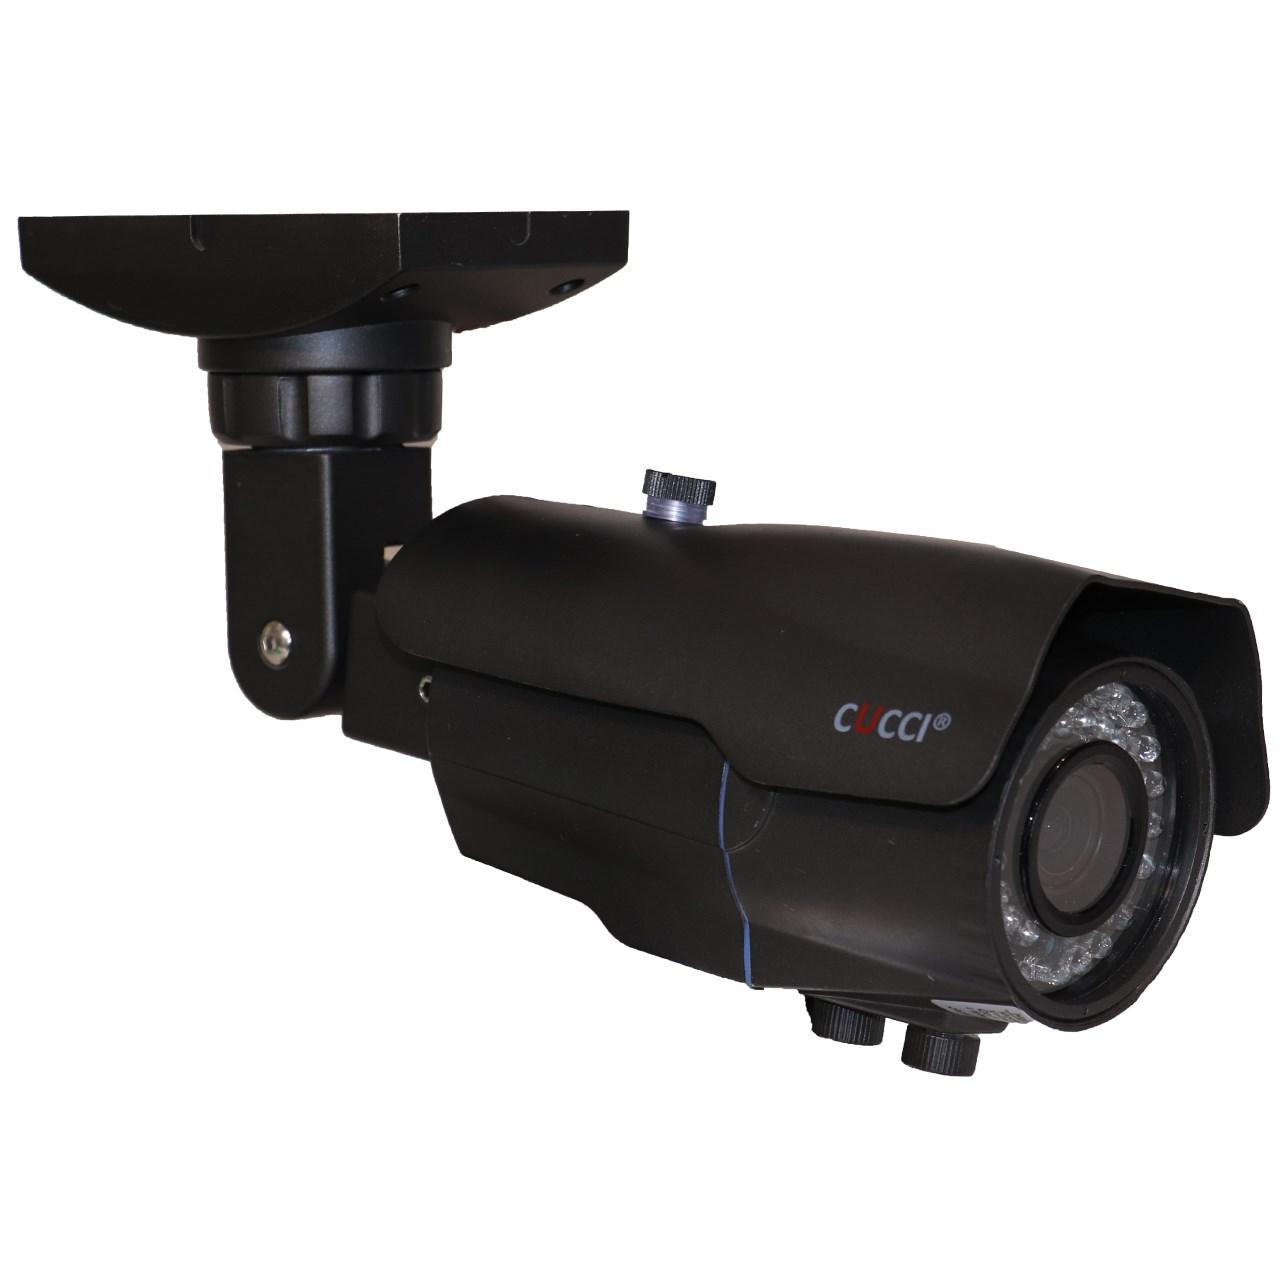 دوربین مداربسته 2 مگاپیکسلی کوچی مدل IR_2080VF